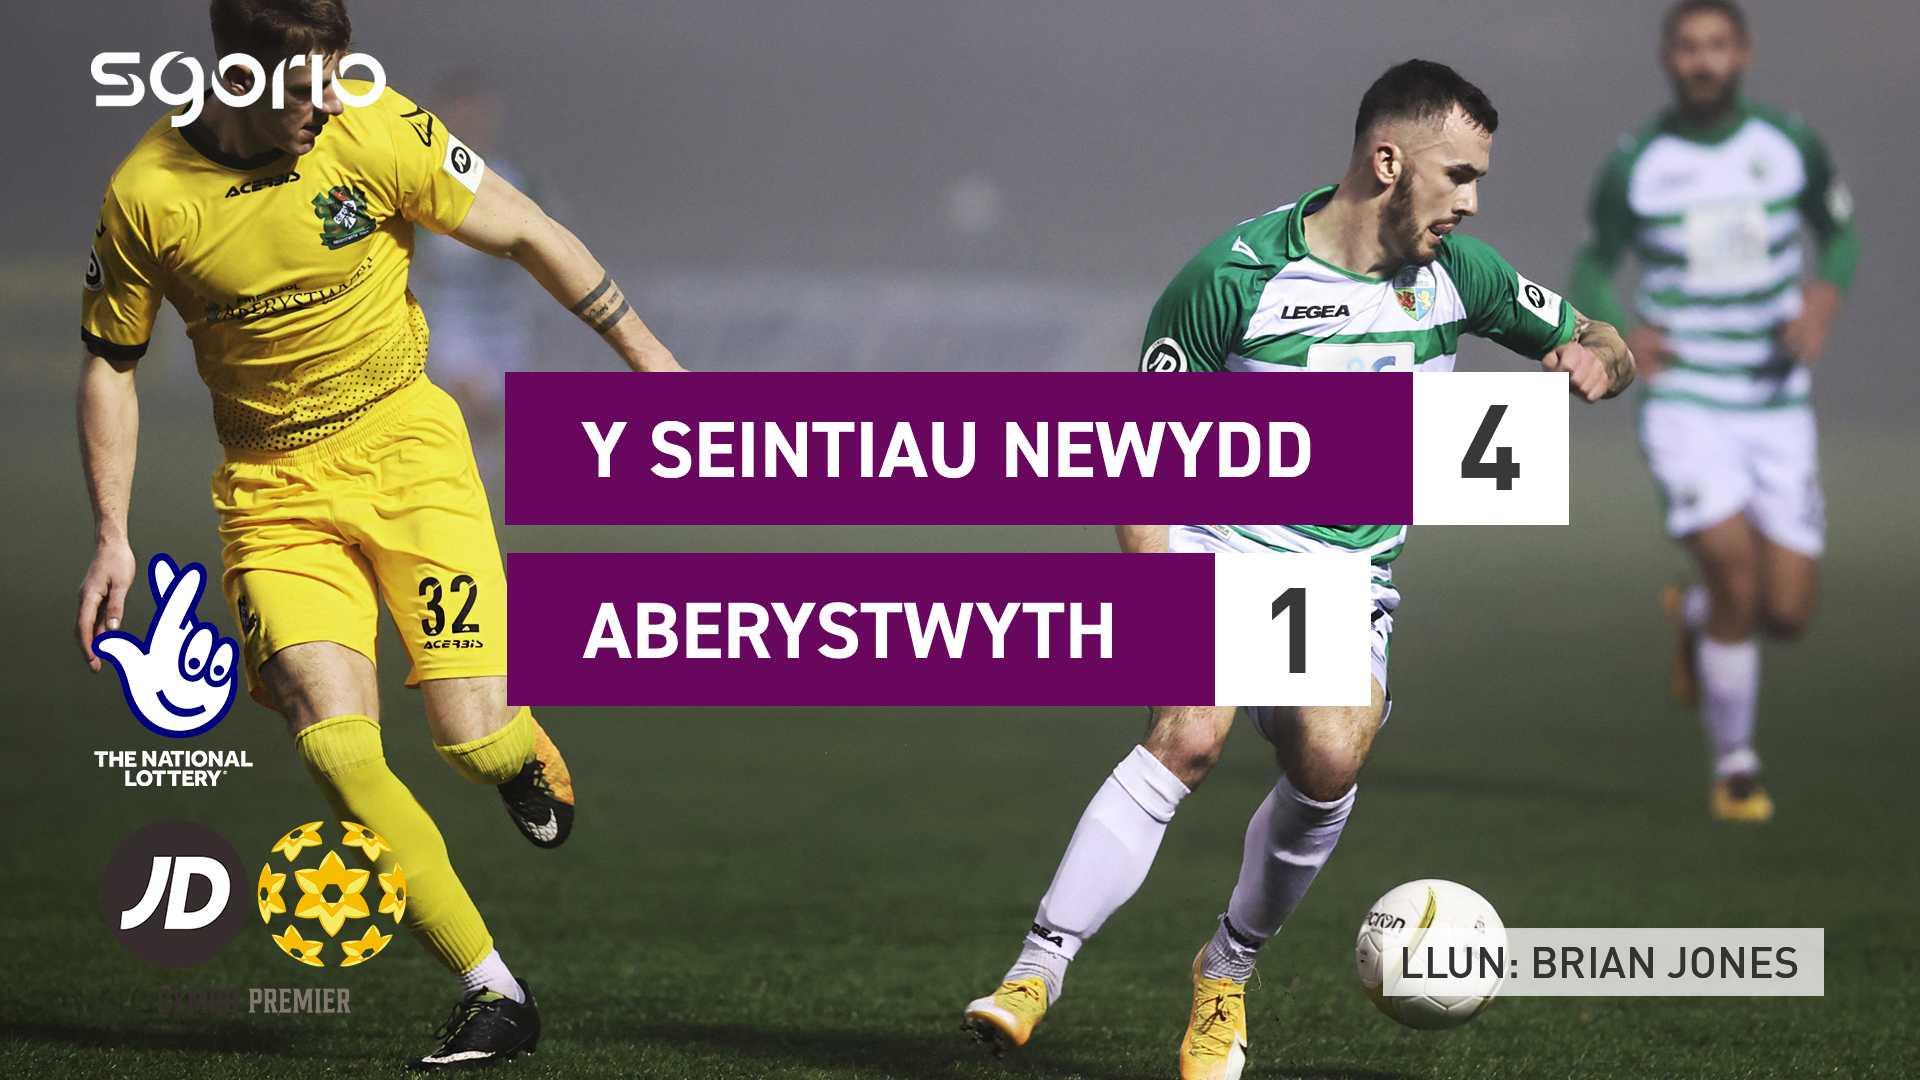 Y Seintiau Newydd 4-1 Aberystwyth